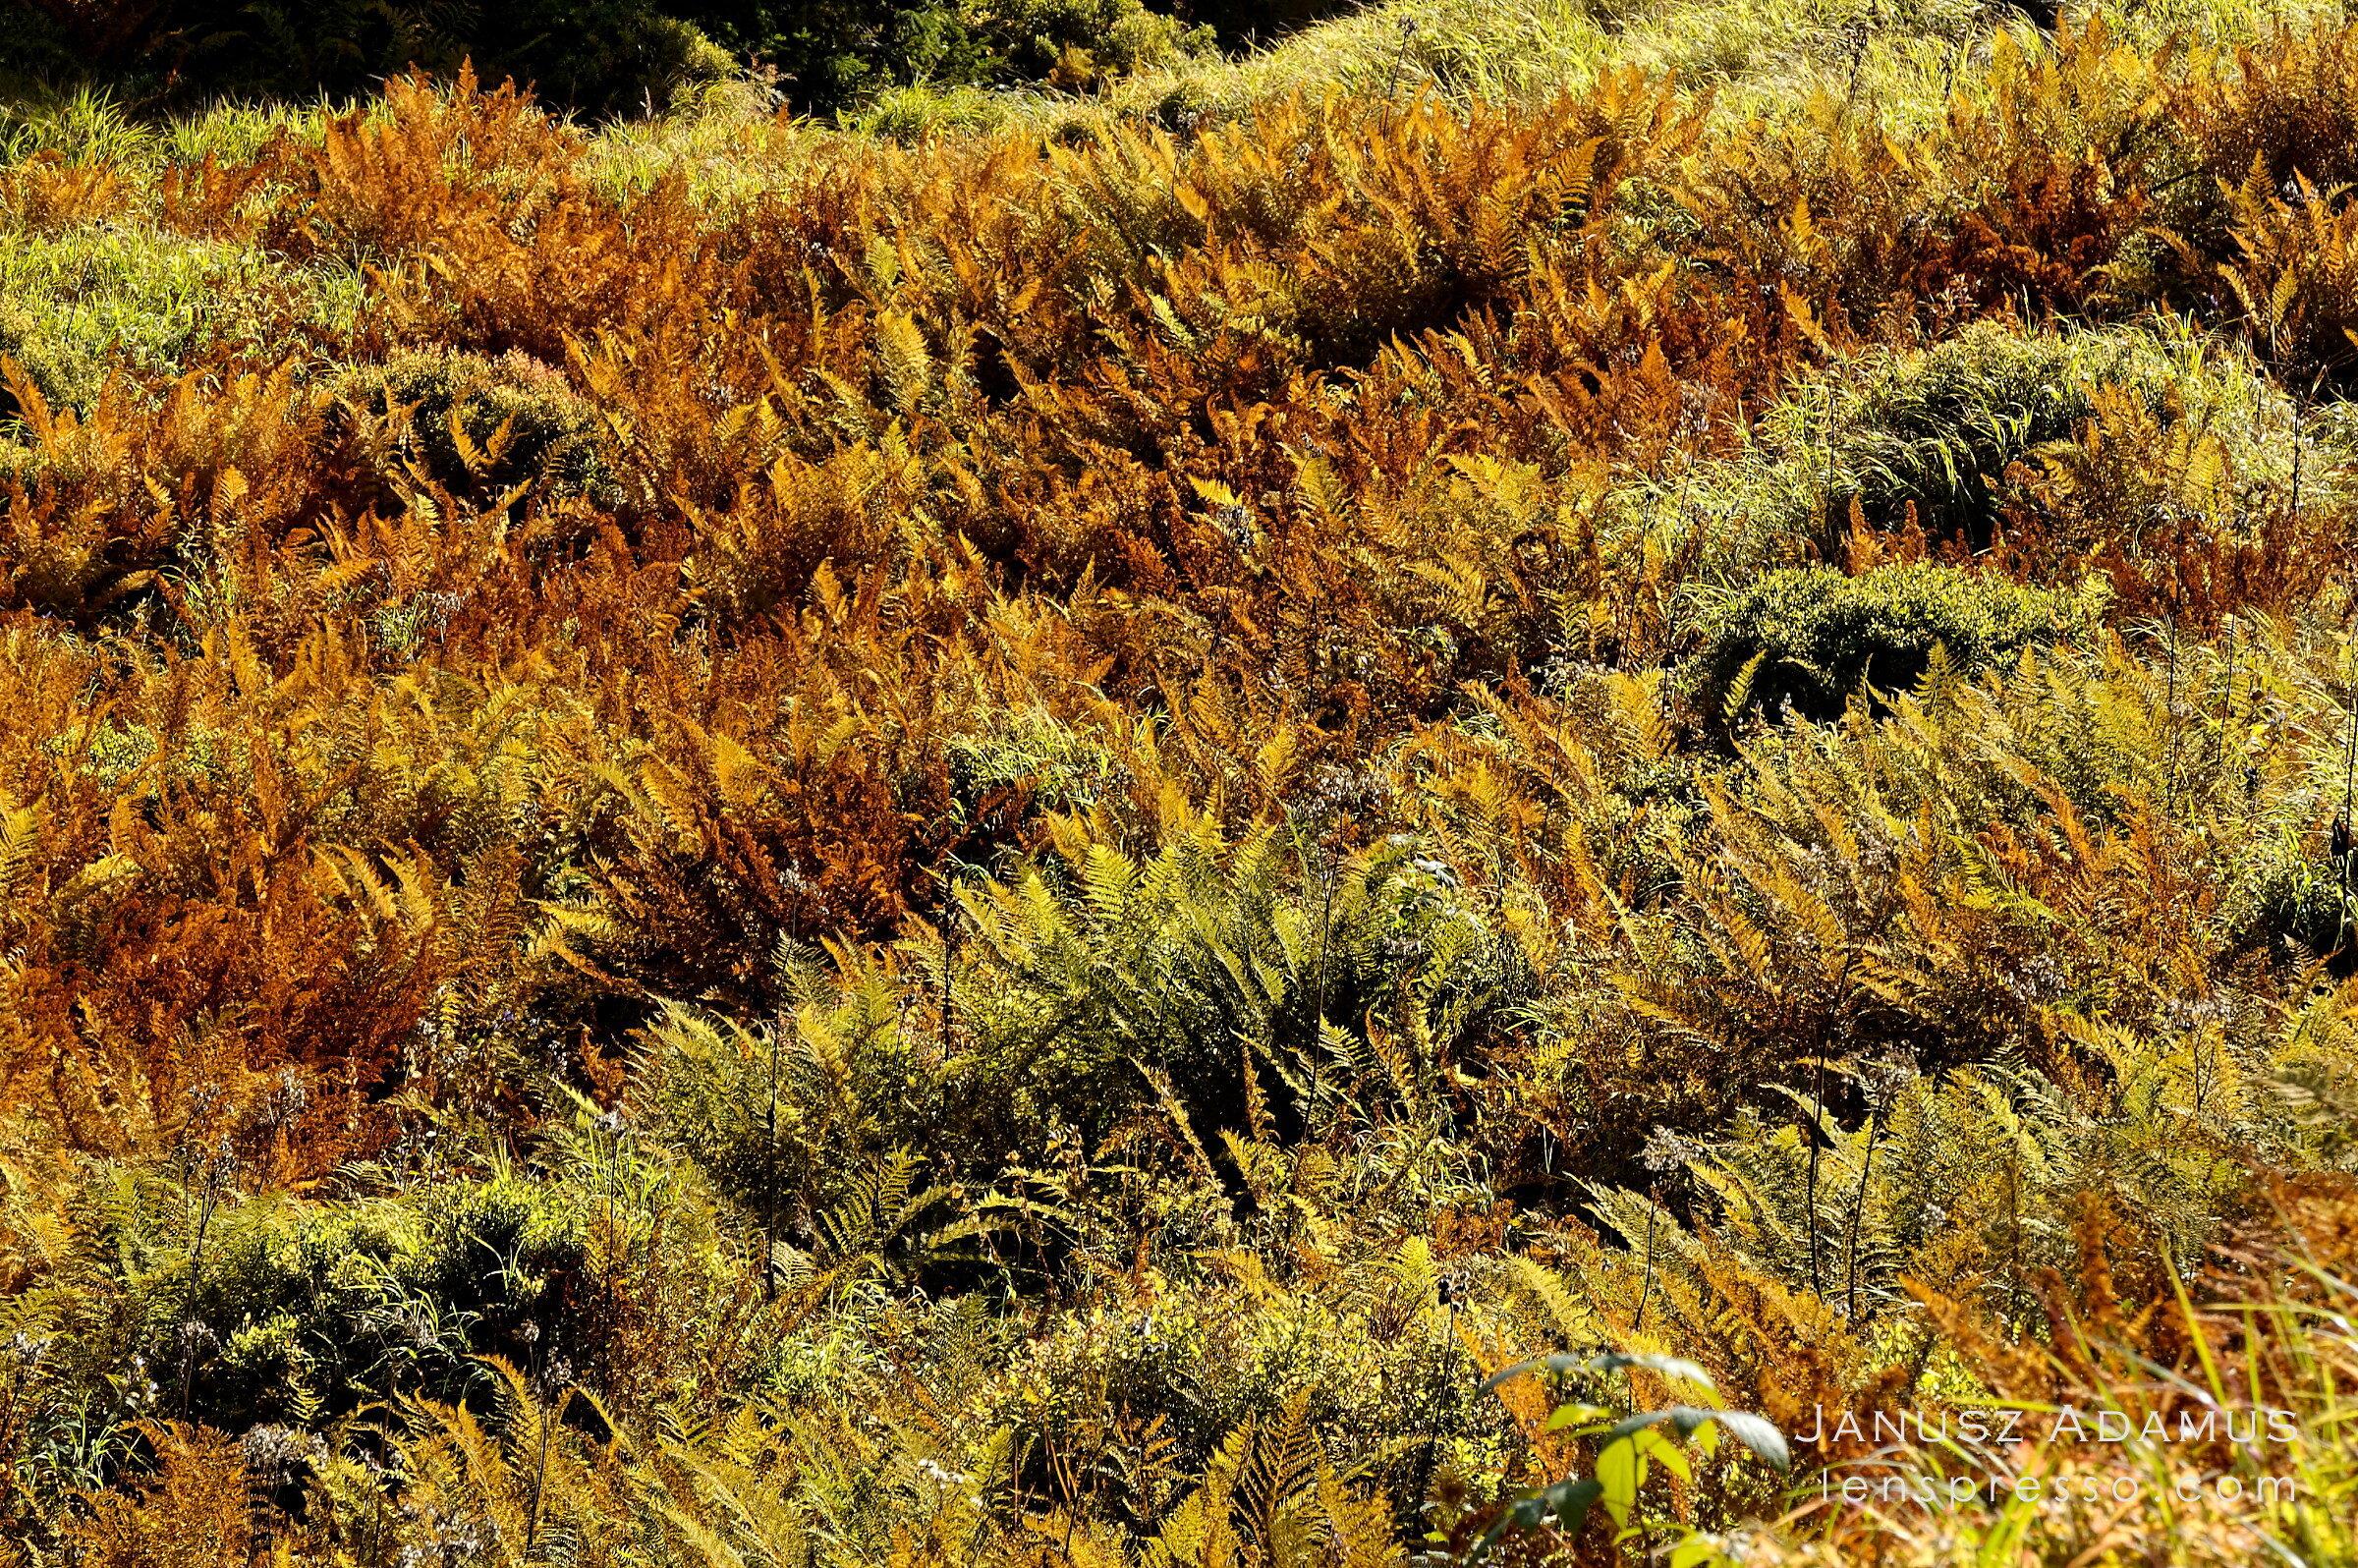 Golden ferns in Hlinska Valley, Tatras